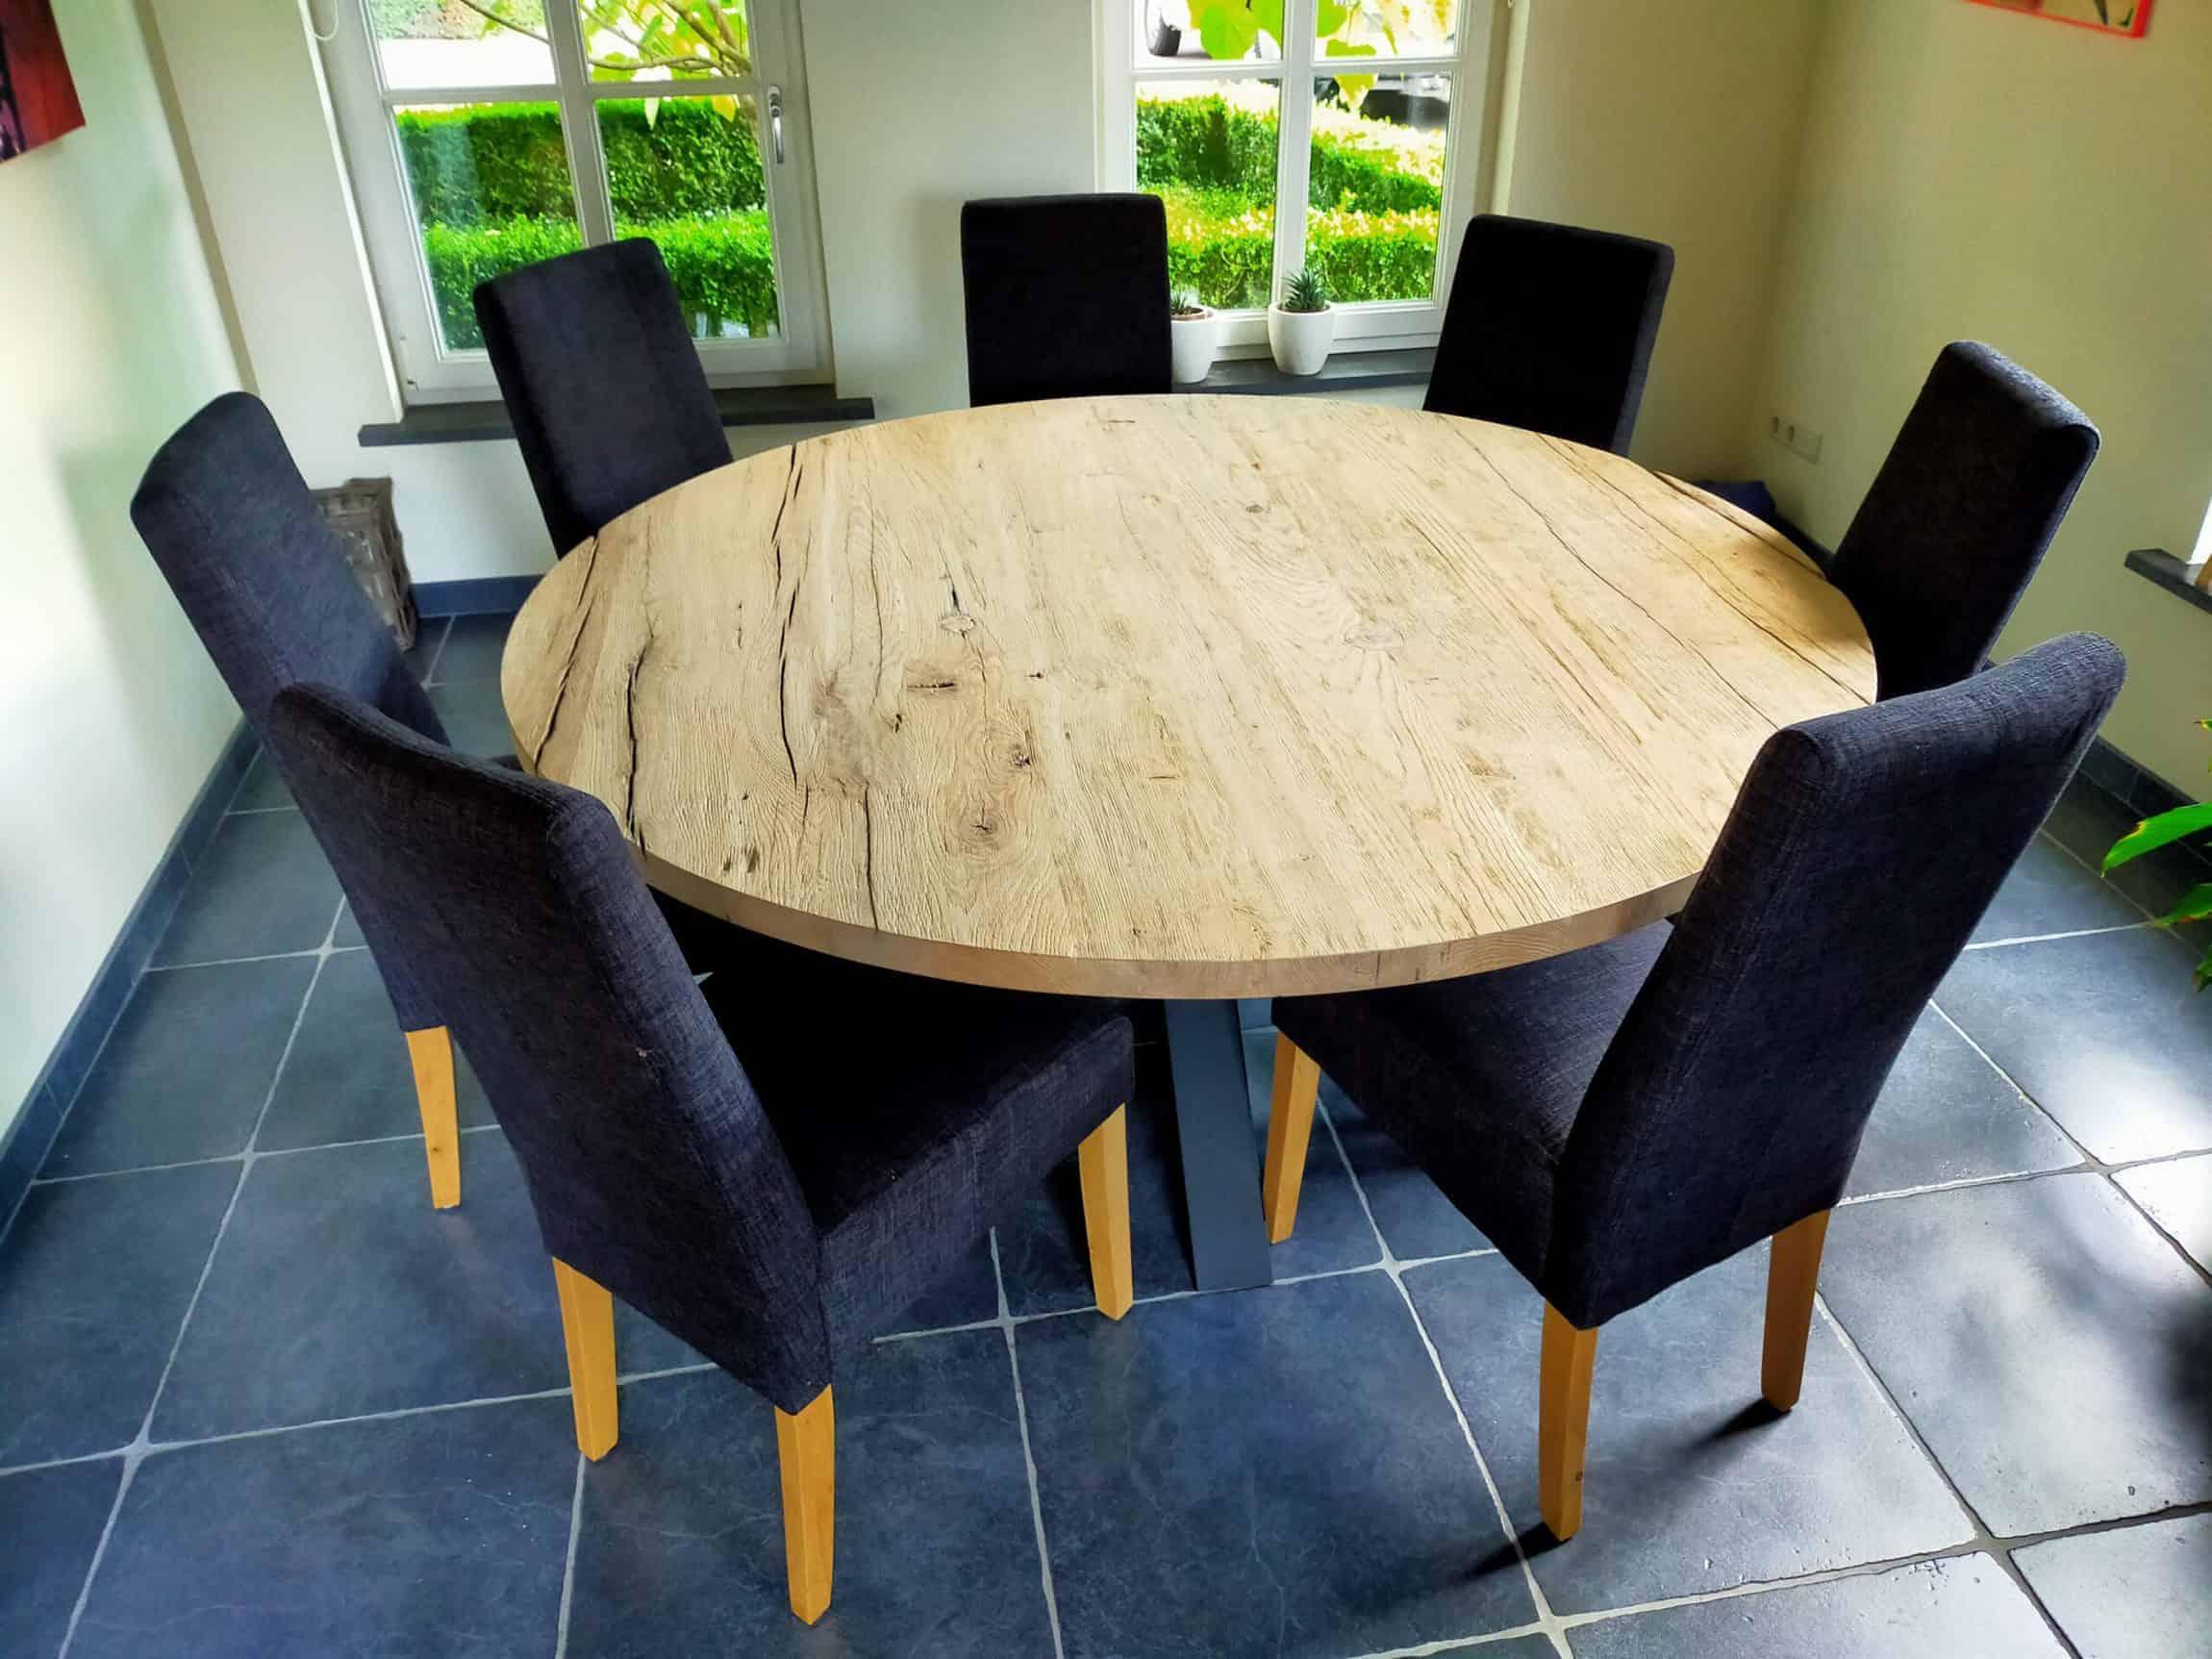 Ronde geschaafd oud eiken tafel diameter 160 cm. Afwerking geborsteld matte lak